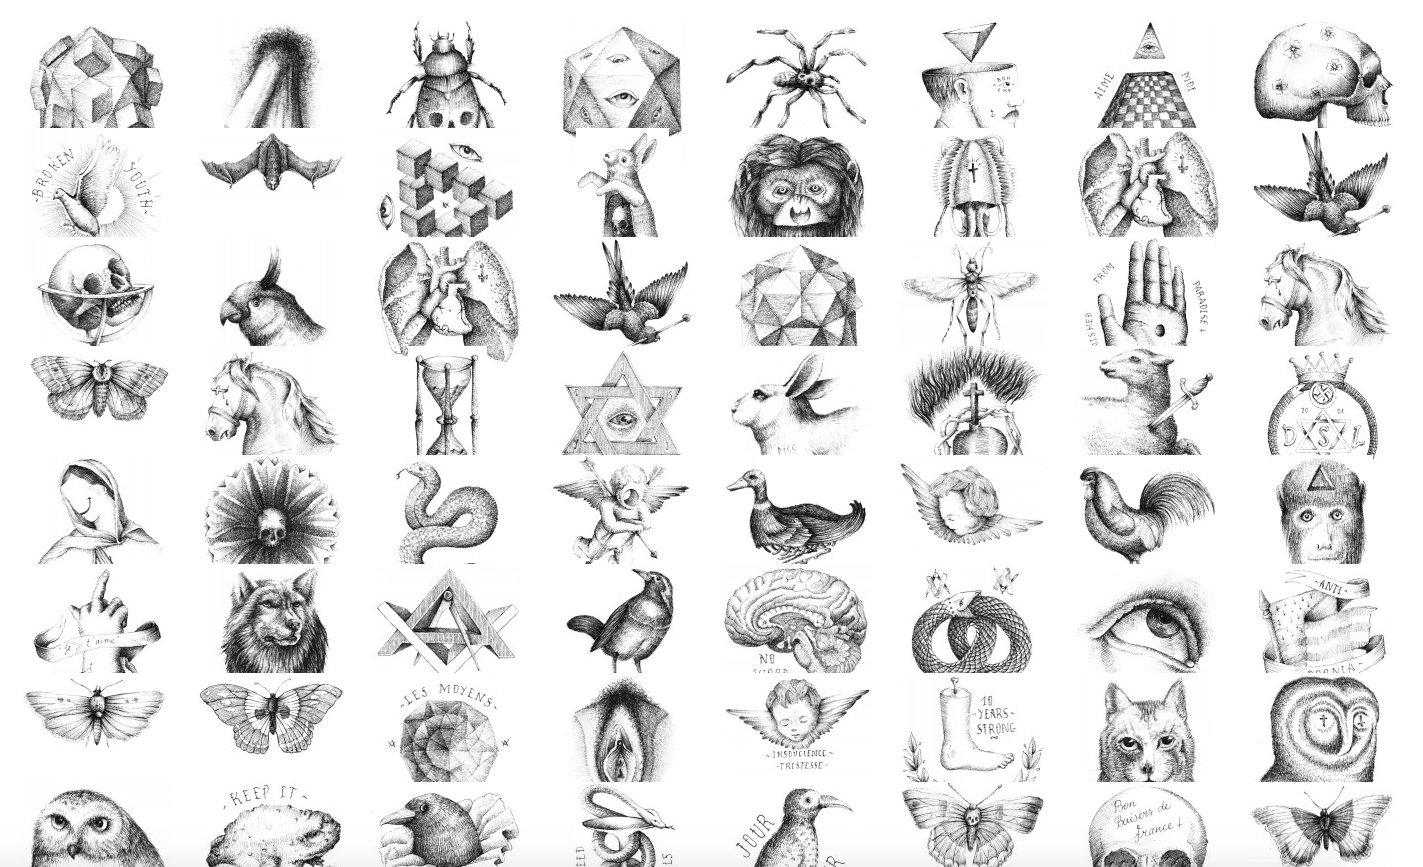 Auch die filigranen Zeichnungen des französischen Künstlers Benjamin JeanJean werden in Hamburg zu sehen sein.